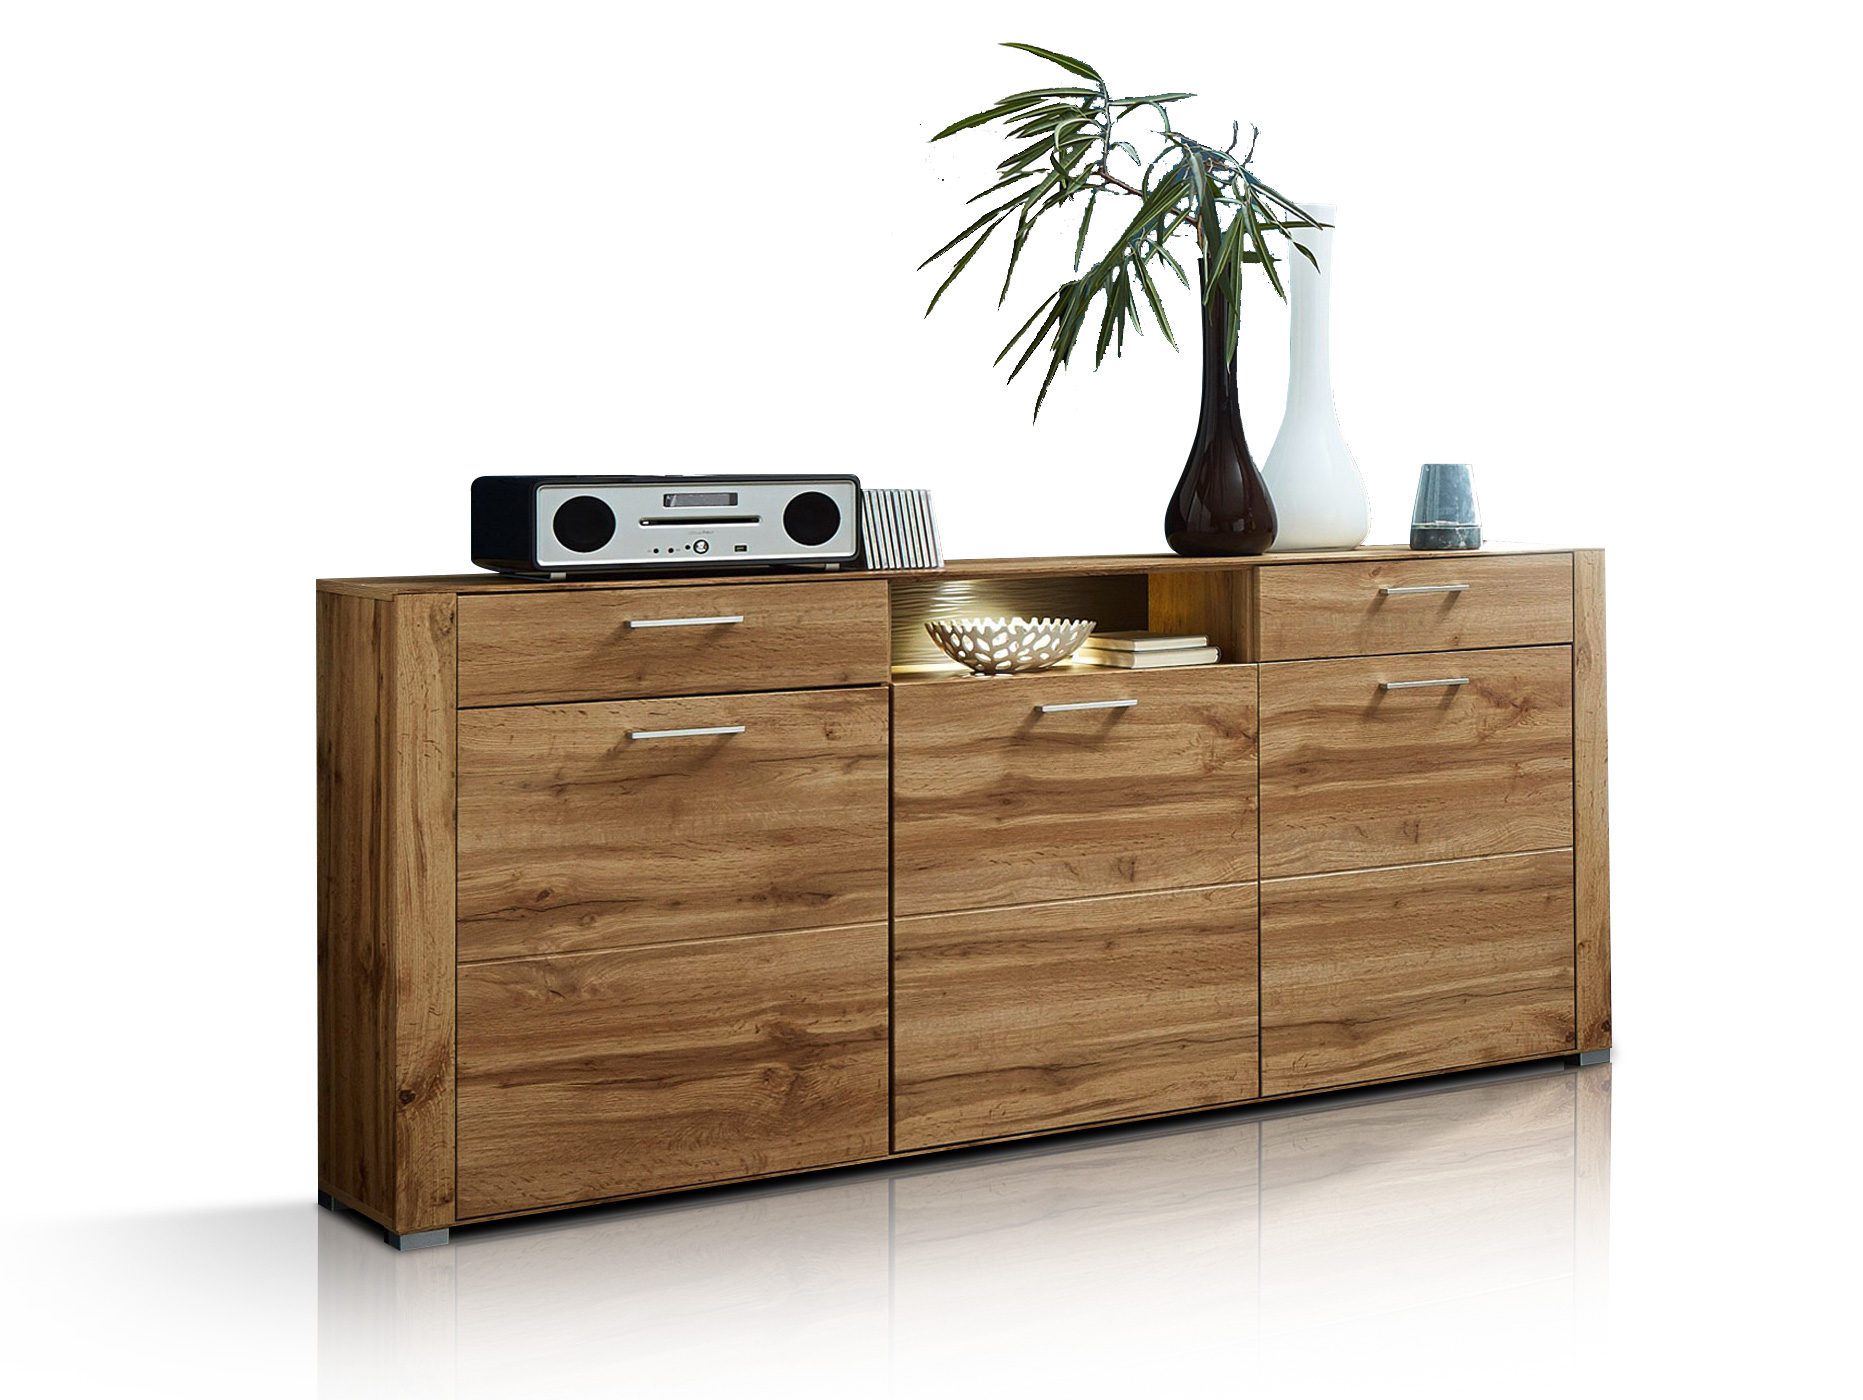 florin sideboard eiche altholz mdf mit beleuchtung. Black Bedroom Furniture Sets. Home Design Ideas